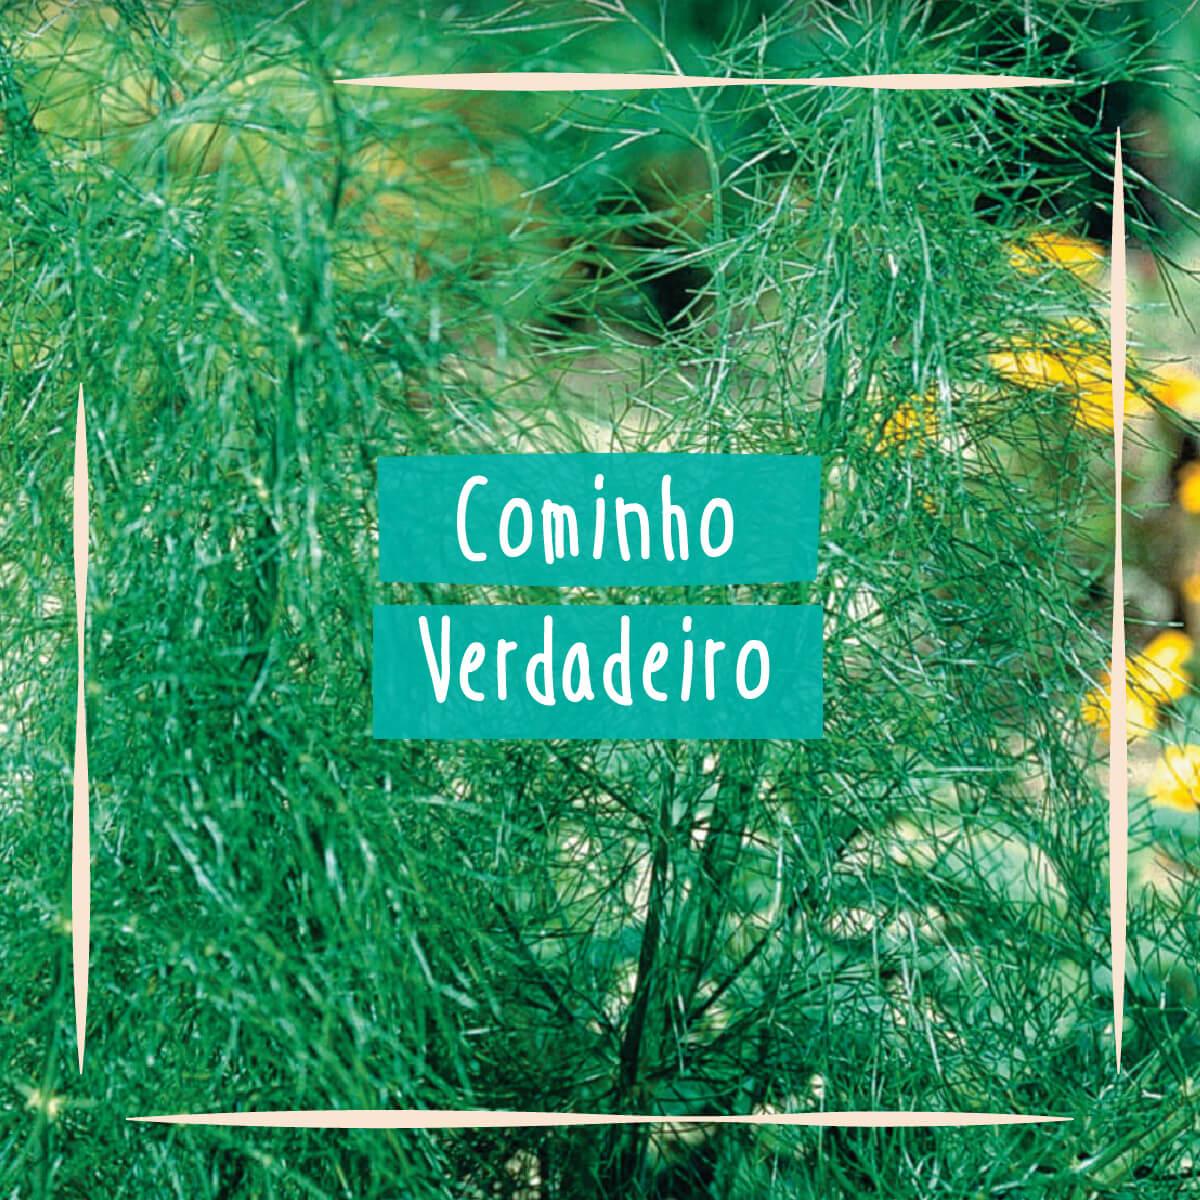 Sementes para plantar Cominho em vasos autoirrigáveis RAIZ  - Loja Raiz